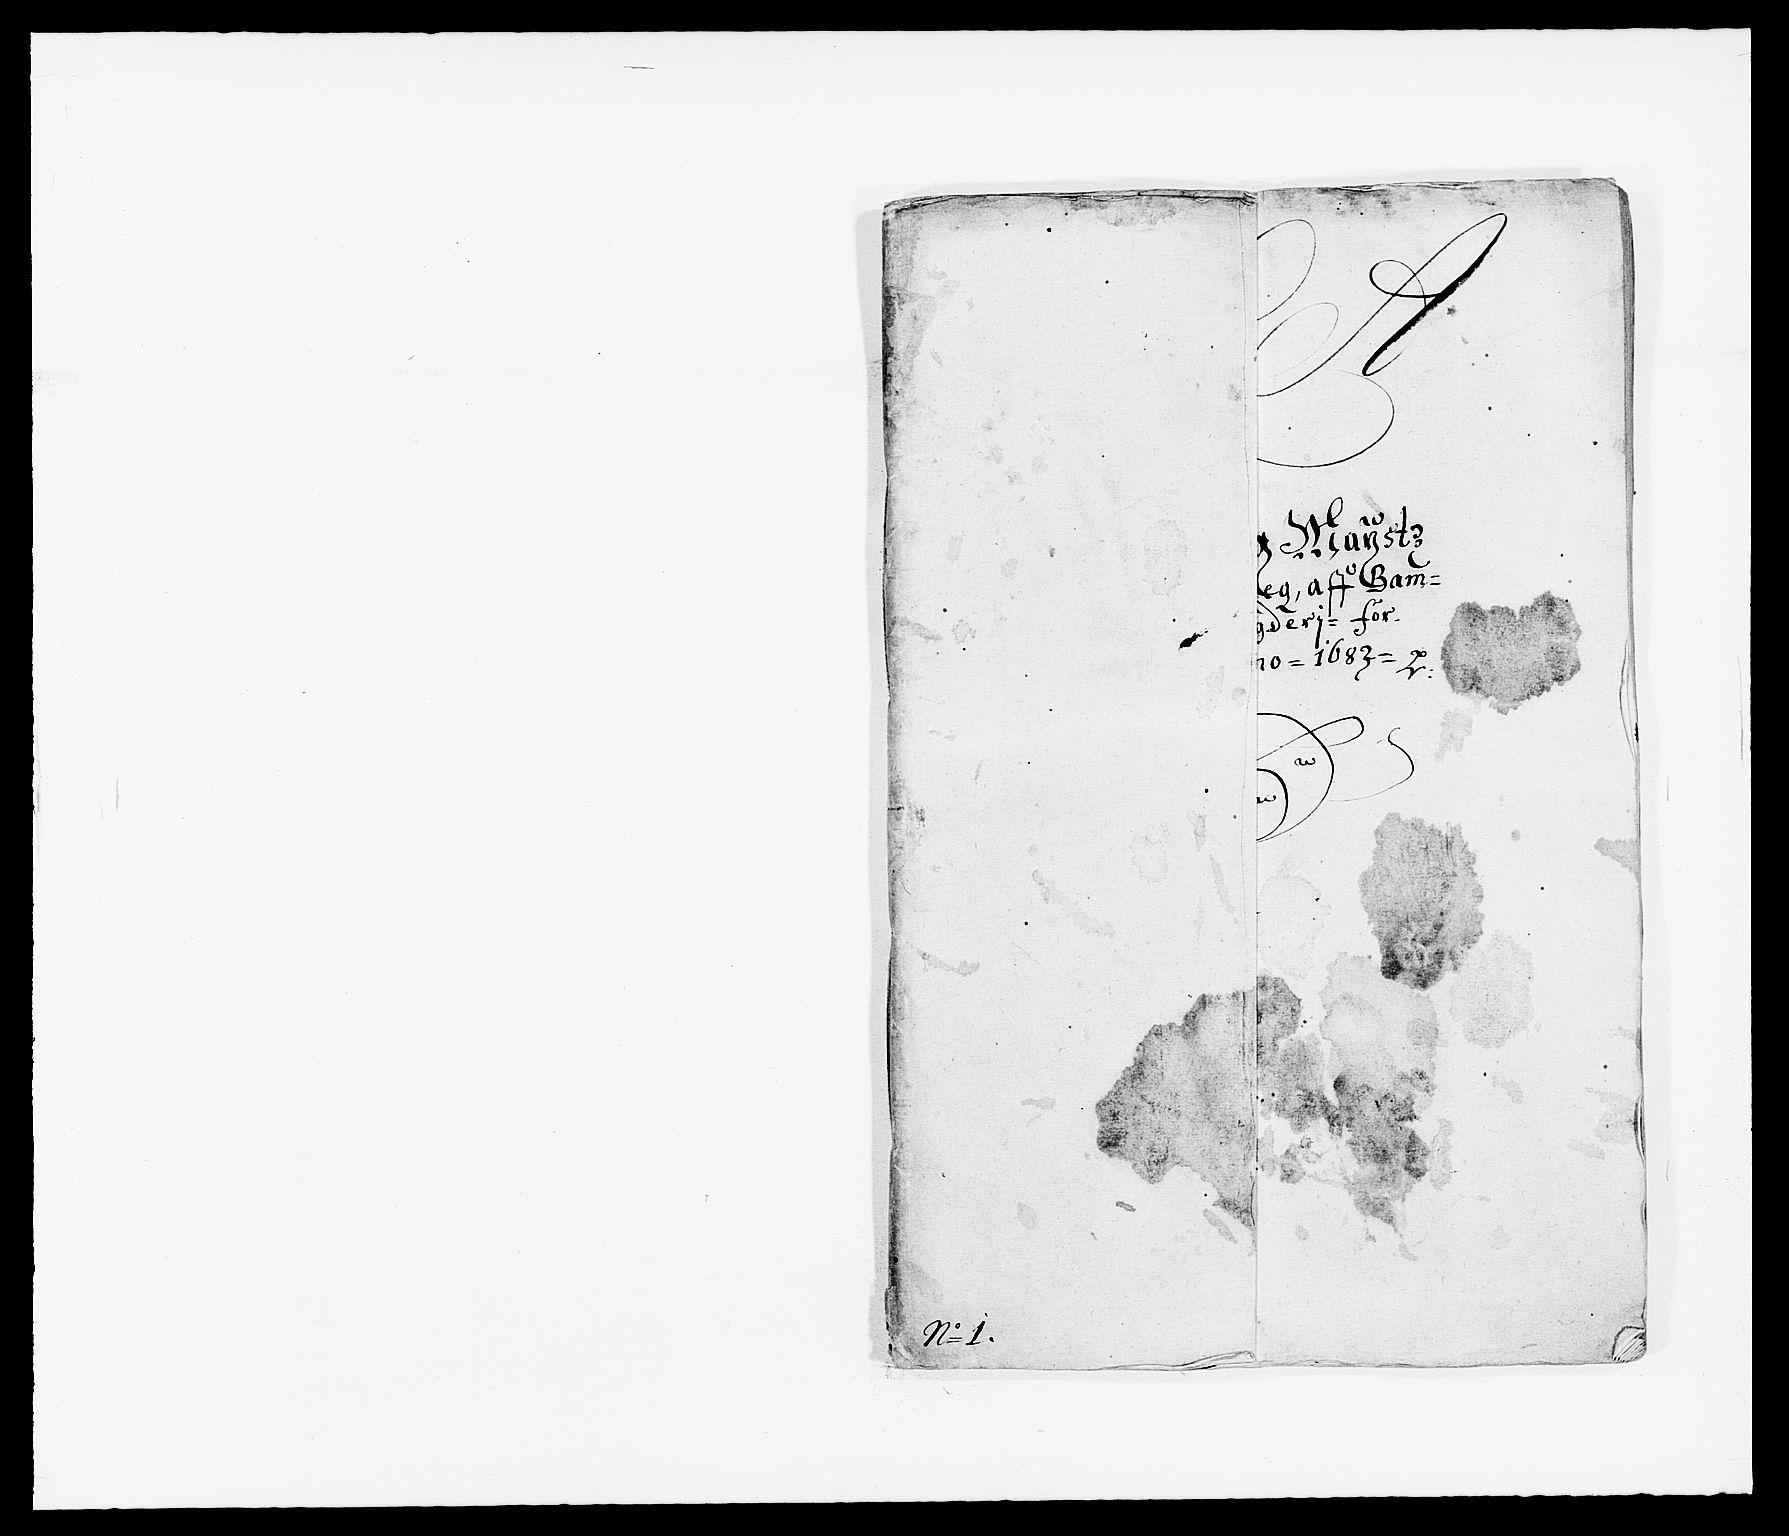 RA, Rentekammeret inntil 1814, Reviderte regnskaper, Fogderegnskap, R34/L2046: Fogderegnskap Bamble, 1682-1683, s. 237